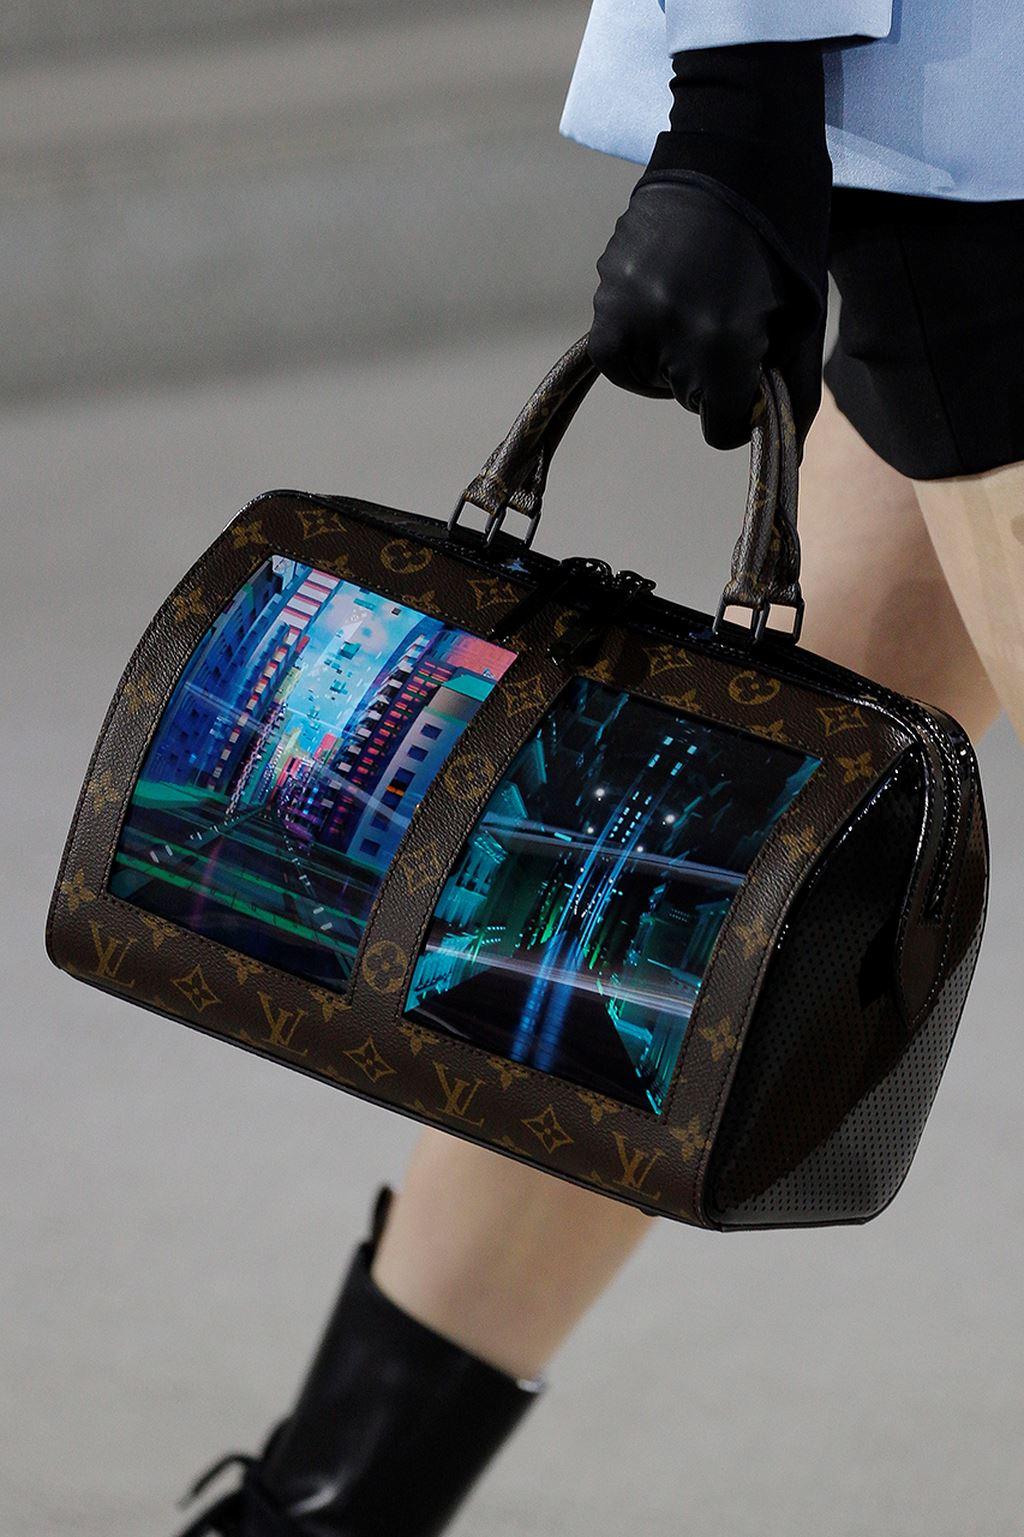 Năm 2019 là một năm đánh dấu sự hợp tác giữa nhà mốt Pháp lâu đời Louis Vuitton với Royole Technology để cho ra mắt những chiếc túi xách có gắn màn hình AMOLED.